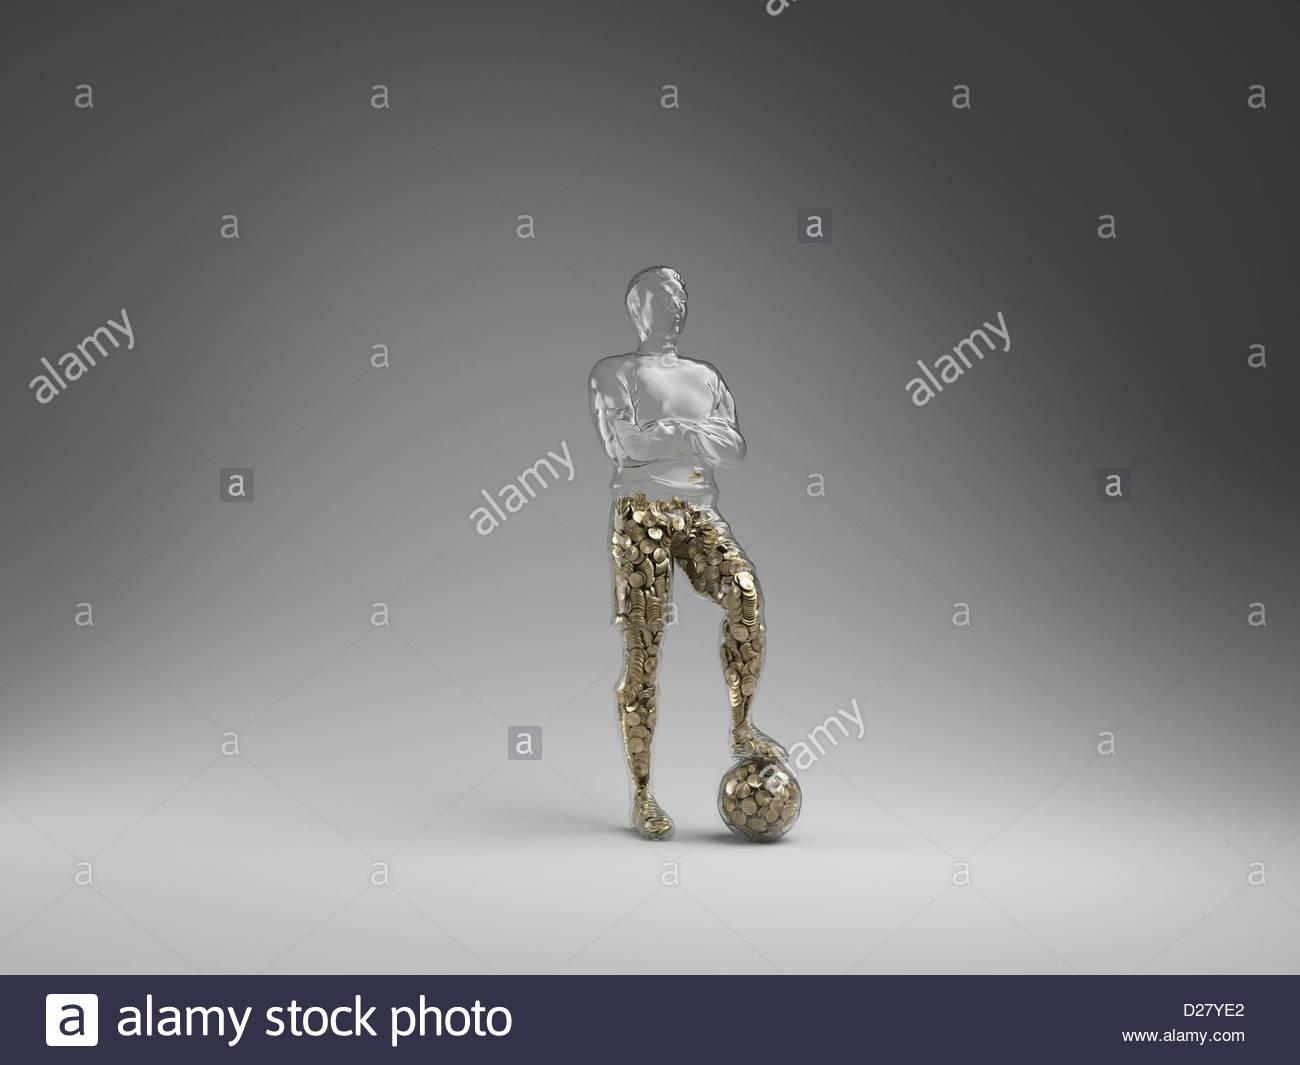 Monedas llenando la mitad de jugador de fútbol hueco Foto de stock